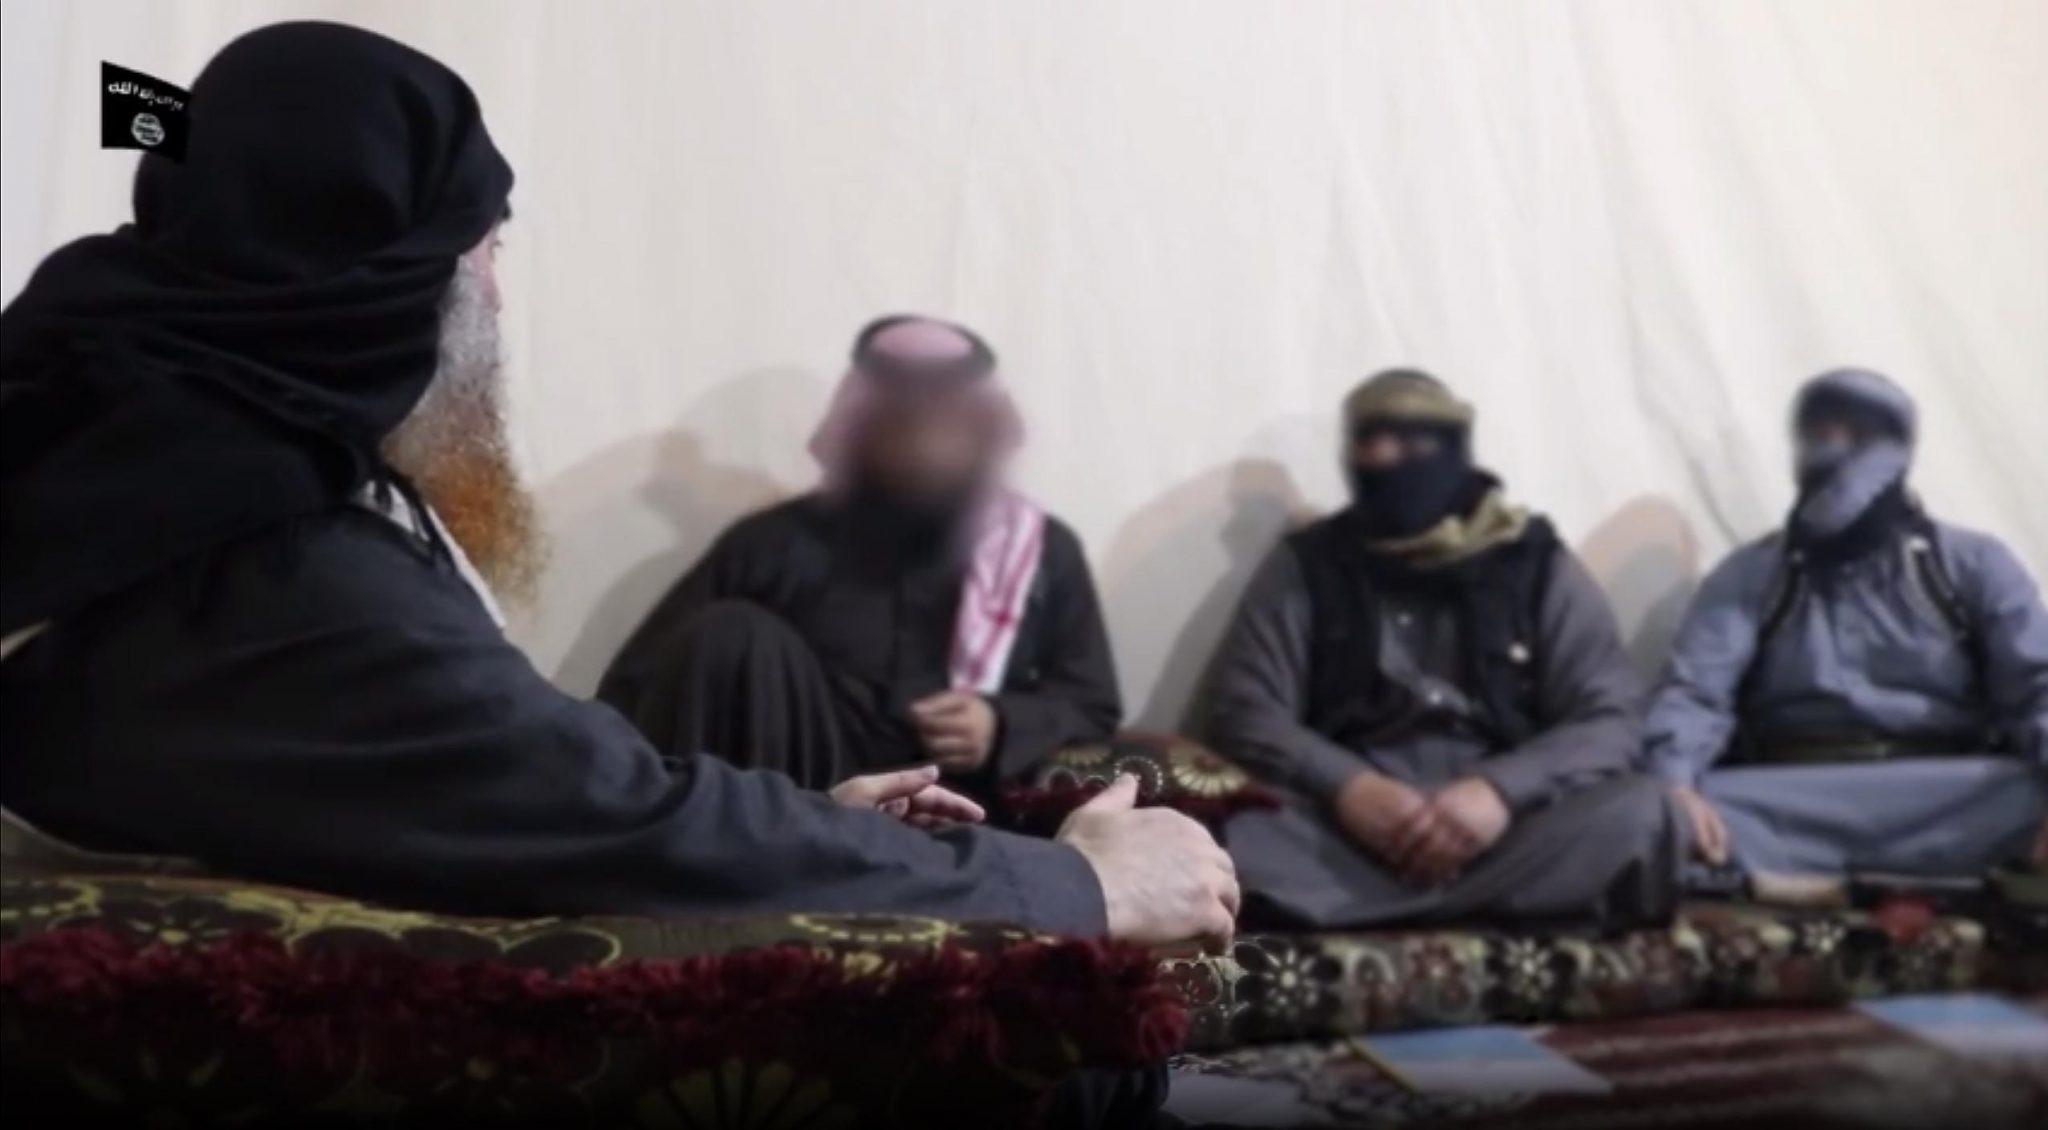 بعد اختفائه لمدة 5 سنوات ،البغدادي يظهر بفيديو حياً بلحية محناة: المعركة انتهت